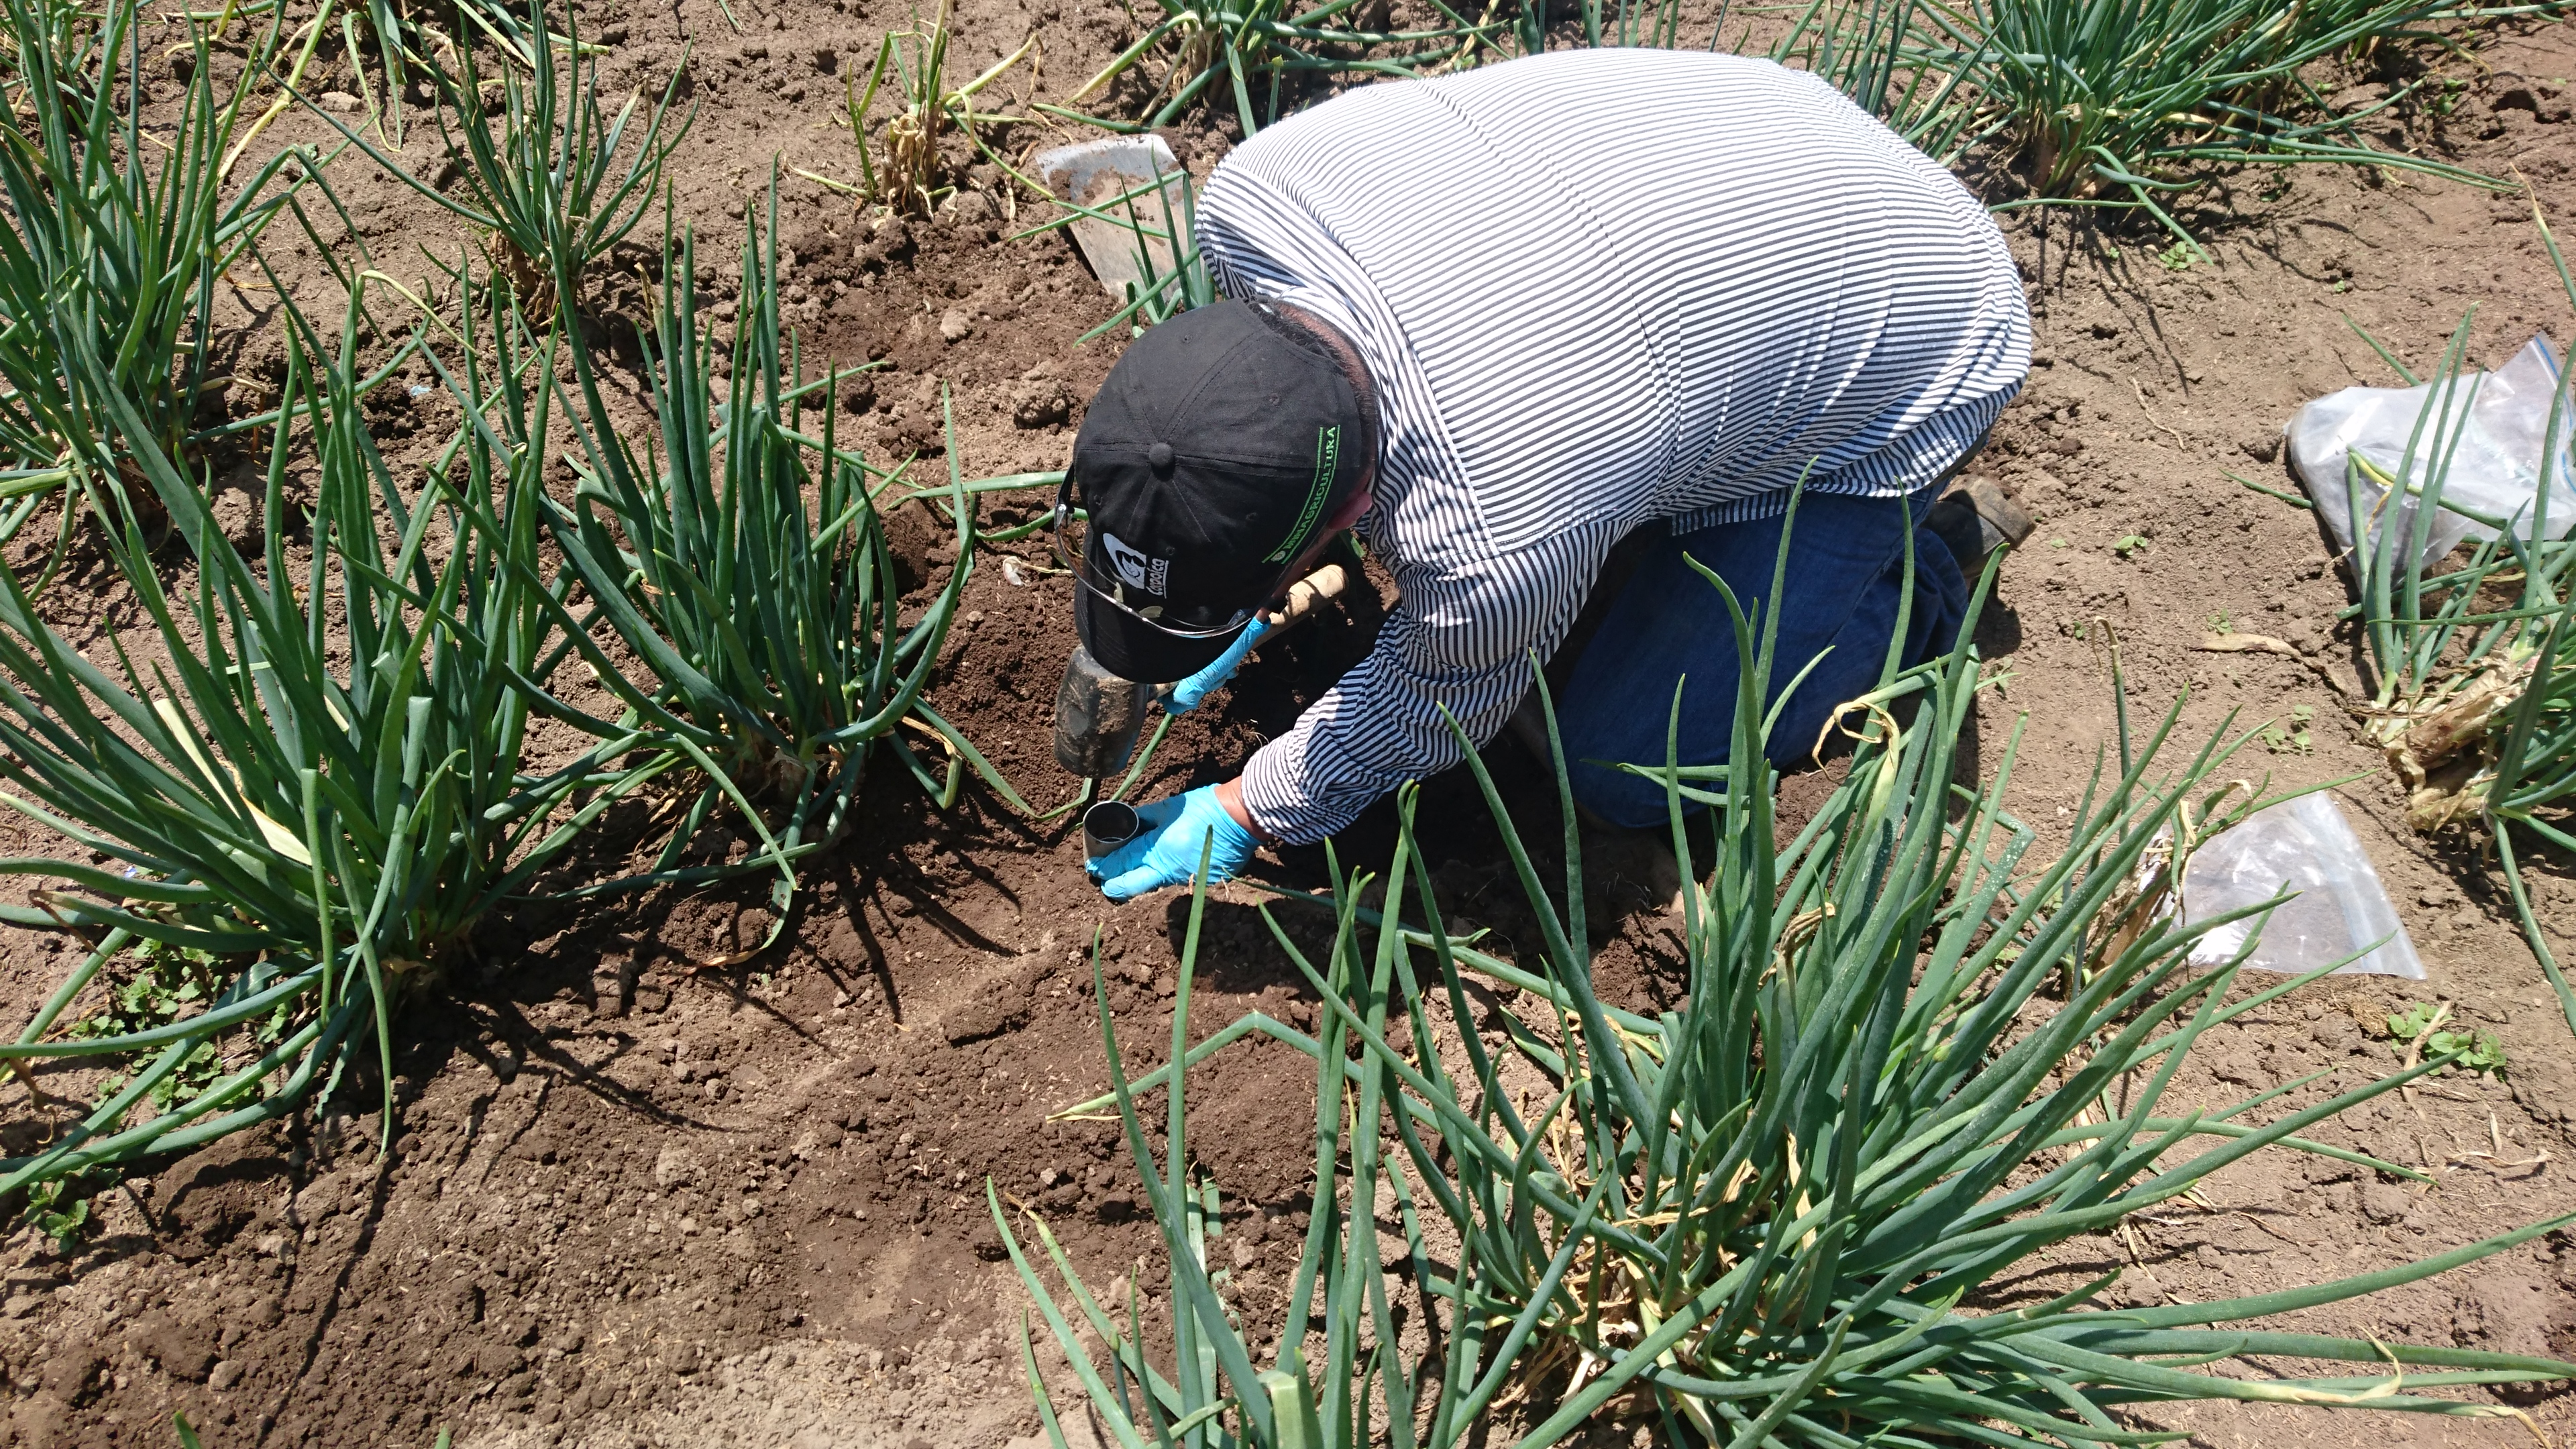 110 municipios del altiplano cundiboyacense pueden acceder a información espacial de suelos de manera gratuita